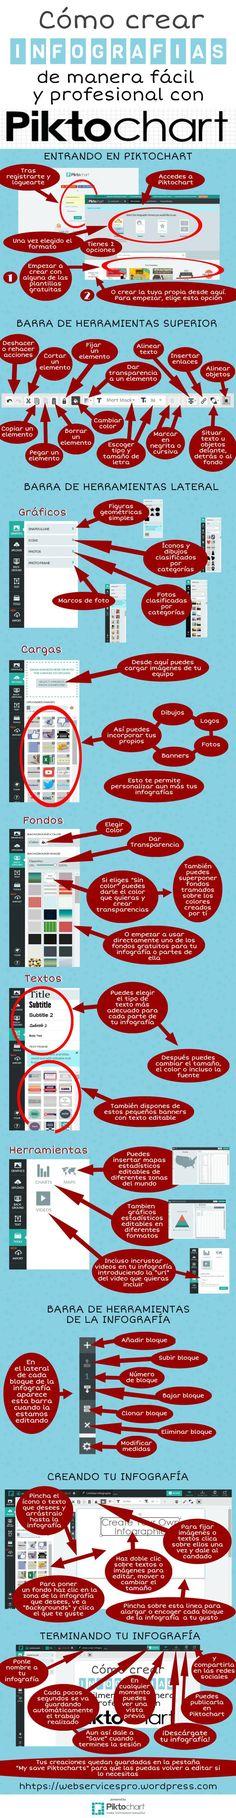 Hola: Una infografía sobre cómo crear infografías con Piktochart. Vía Un saludo